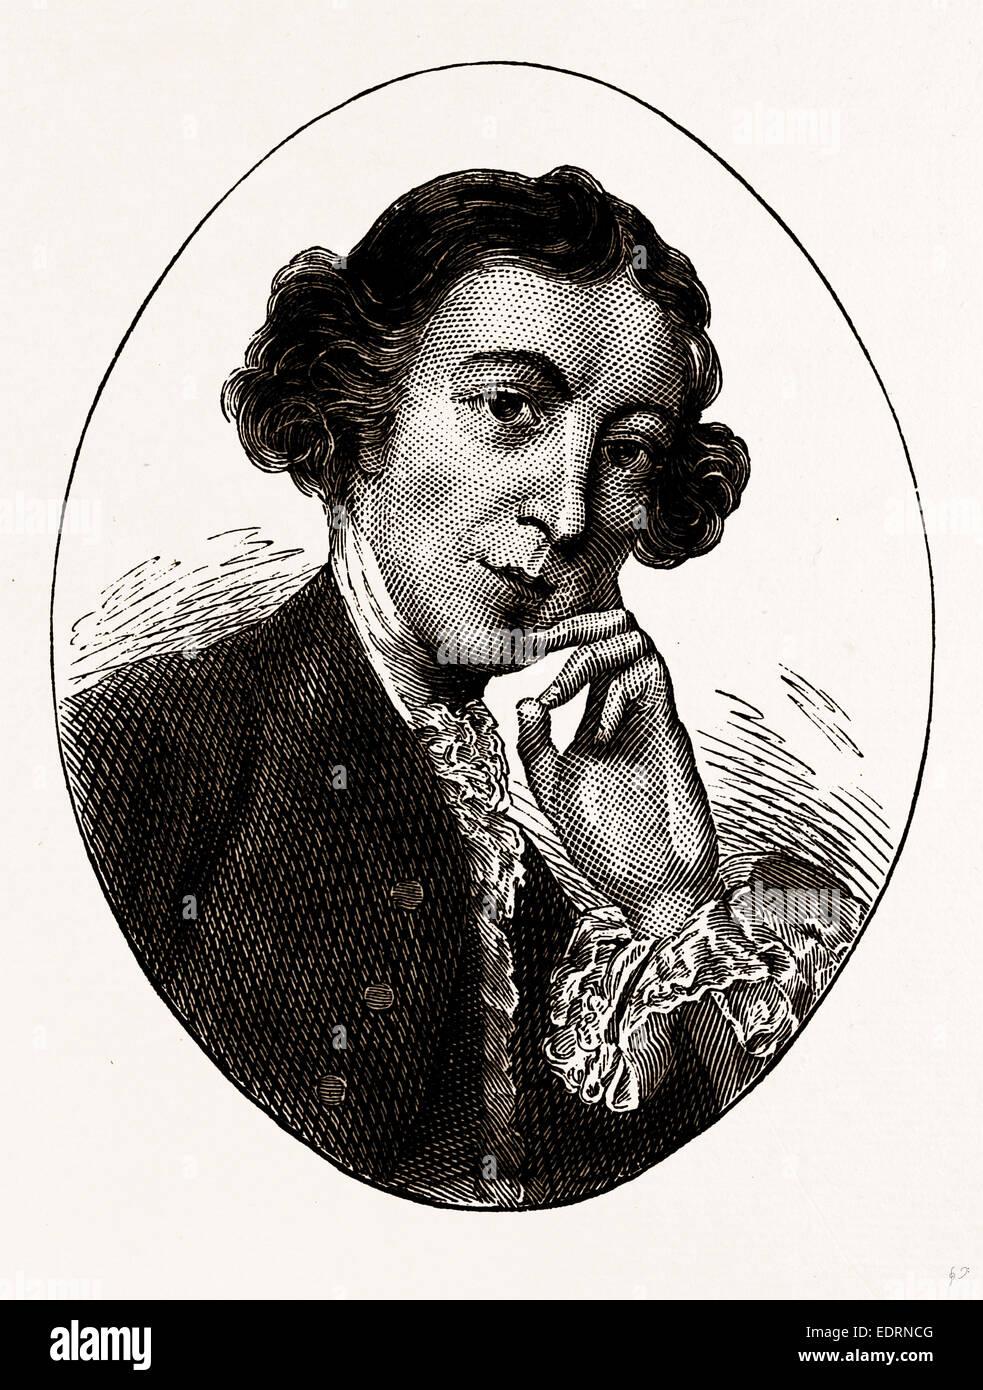 HORACE WALPOLE, UK, engraving 1881 - 1884 - Stock Image